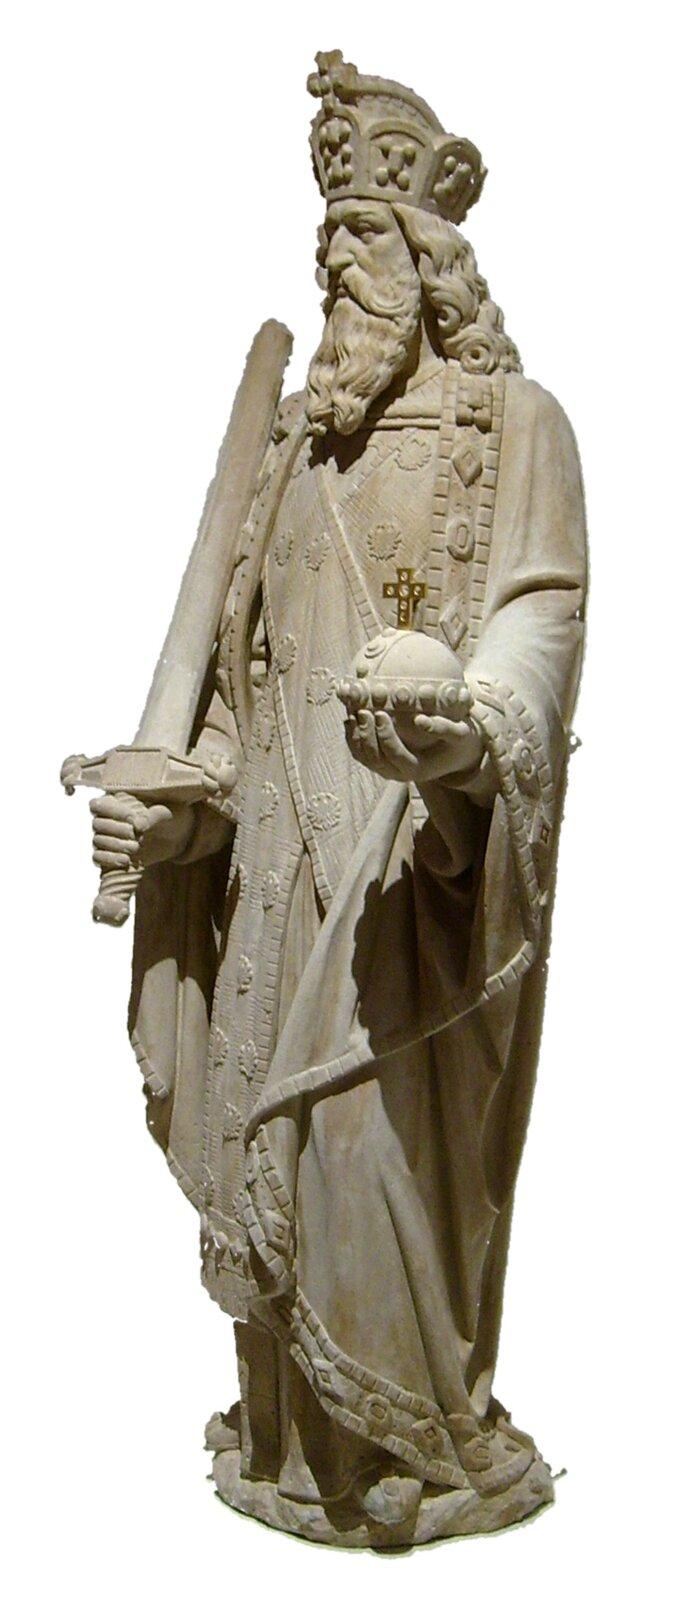 Pomnik Karola Wielkiego (Kölner Dom) Źródło: Lokilech, Pomnik Karola Wielkiego (Kölner Dom), fotografia barwna, licencja: CC BY-SA 3.0.